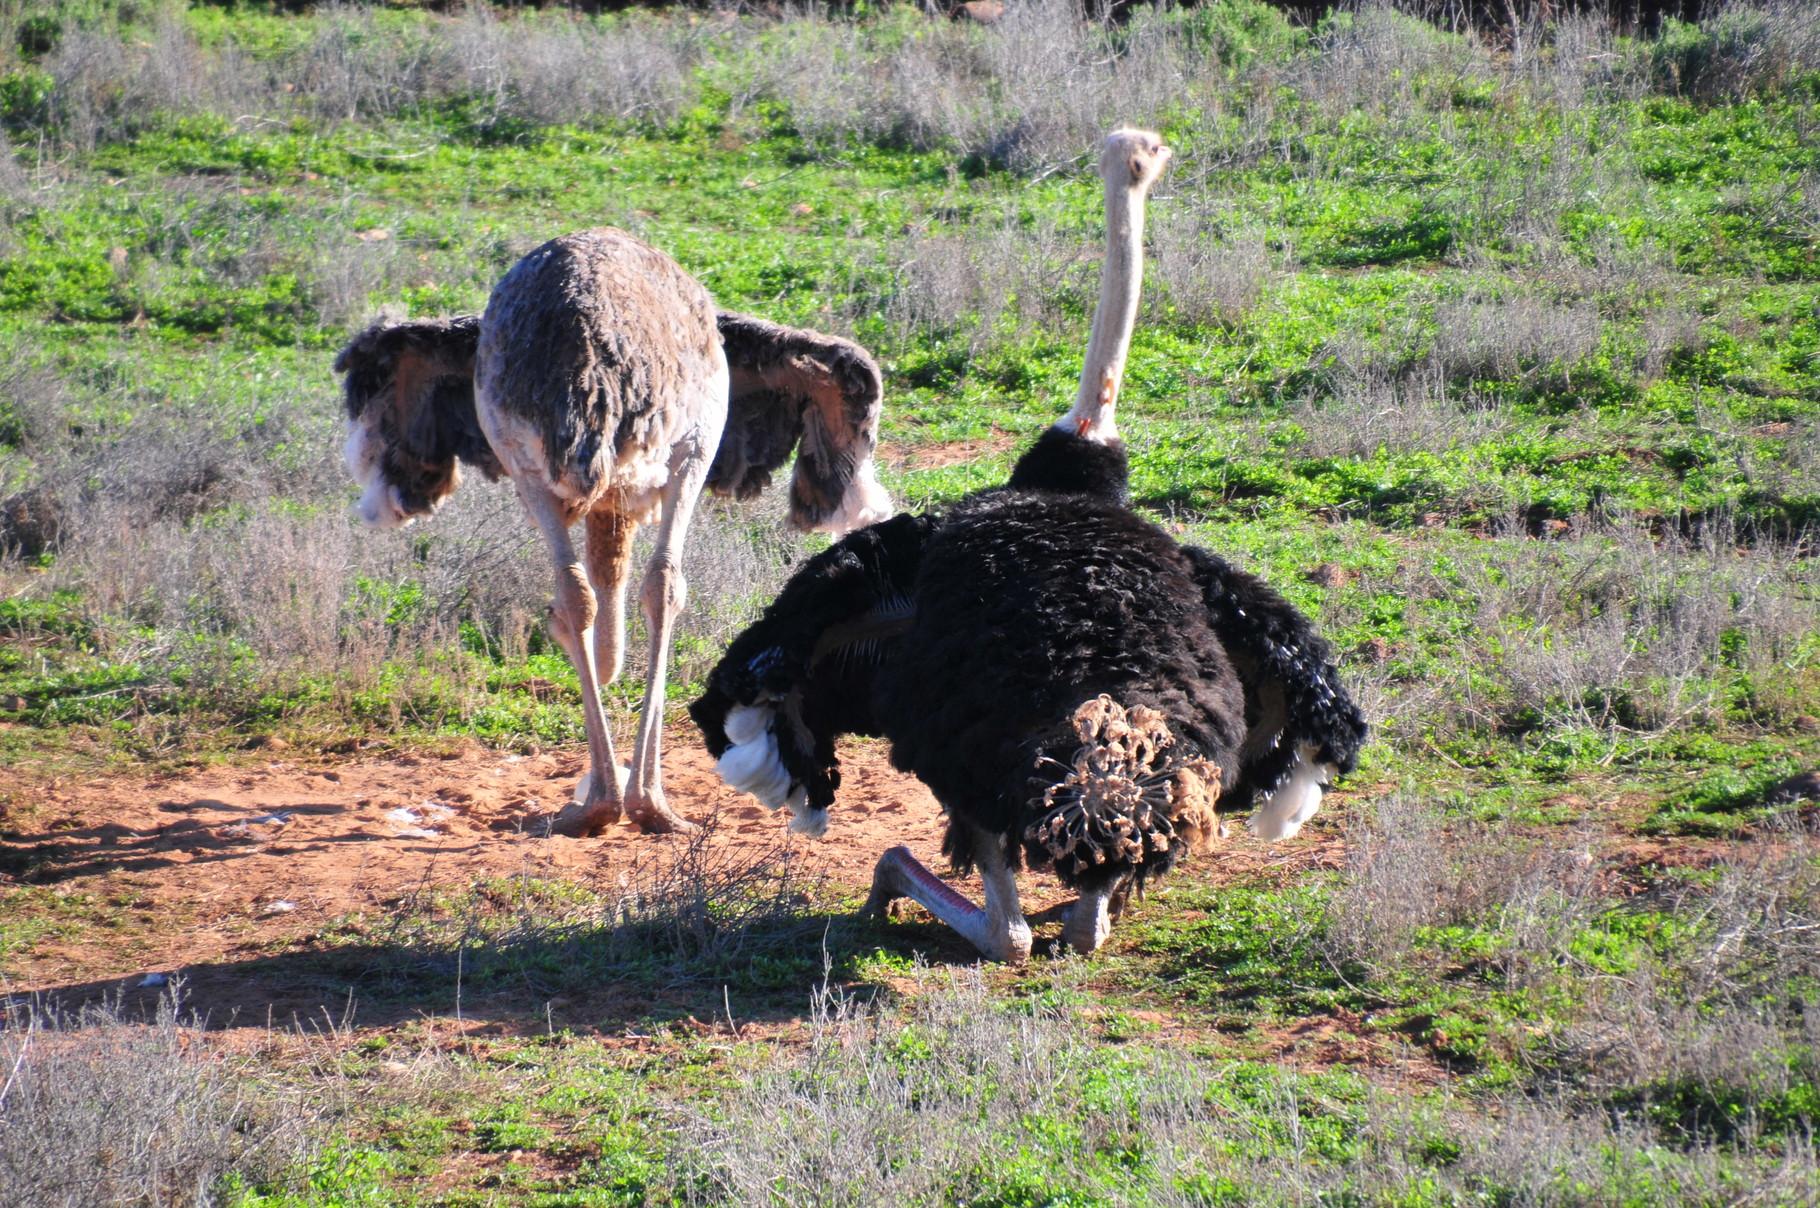 Ein Paar benötigt mindestens 2500 m2 und in Little Karoo werden hunderte Paare gehalten